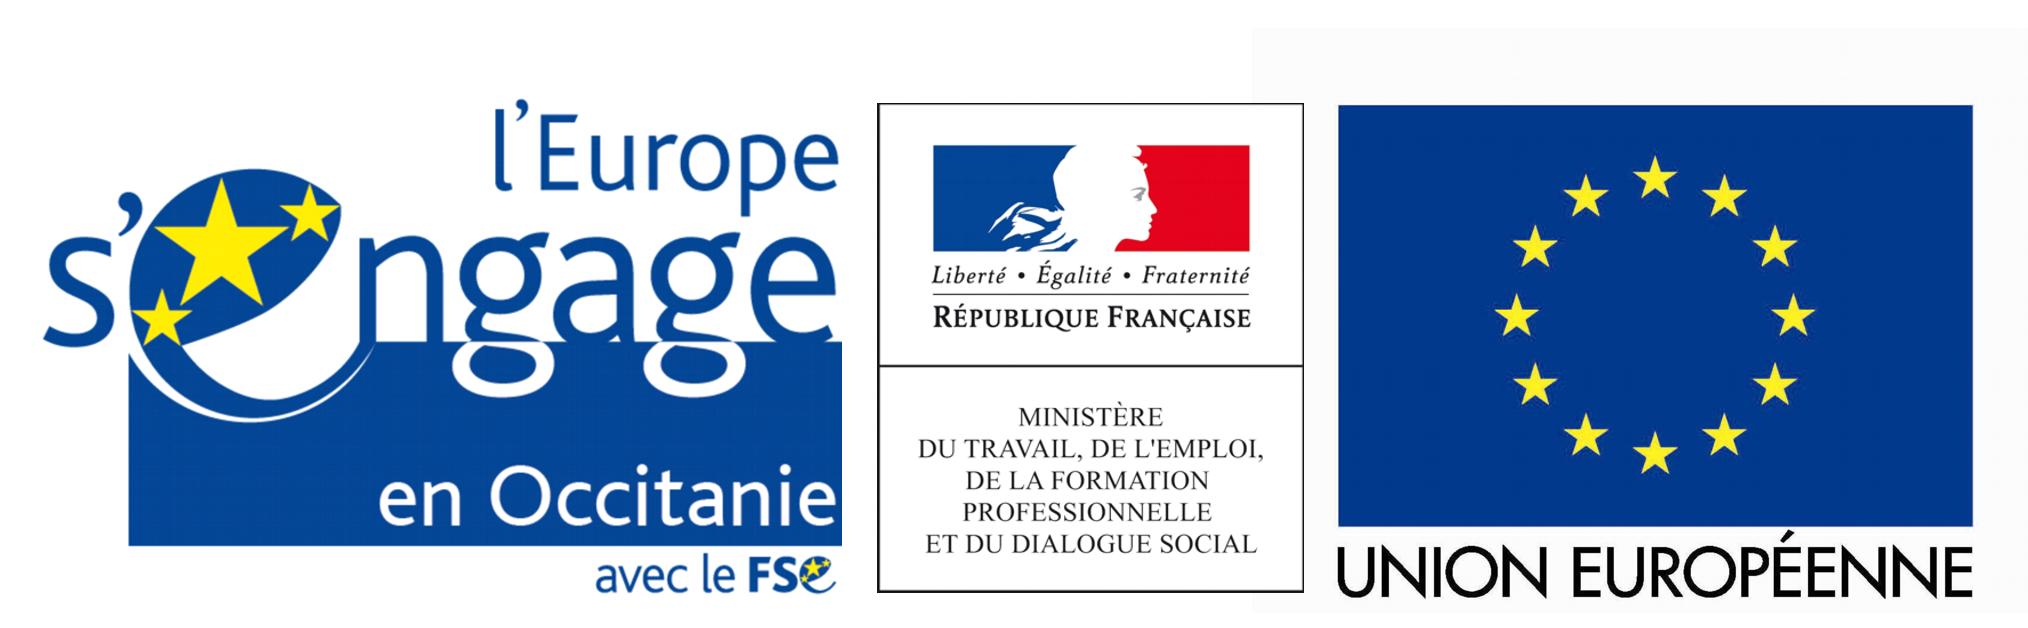 logos_europe2